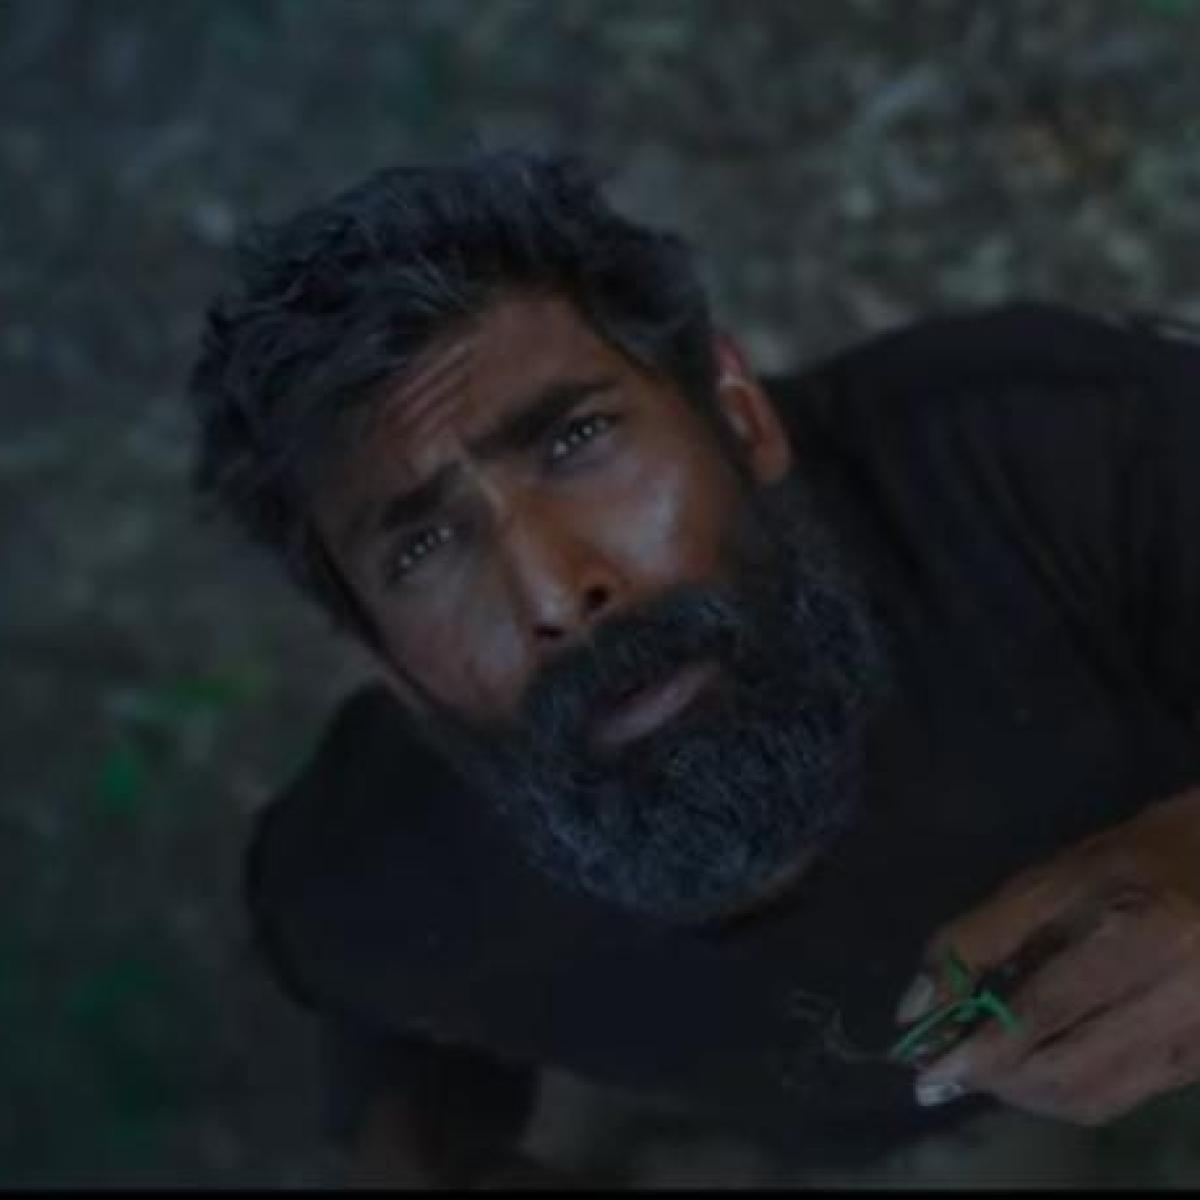 Watch: Rana Daggubati's 'Haathi Mere Saathi' trailer narrates an endearing tale between man and elephants